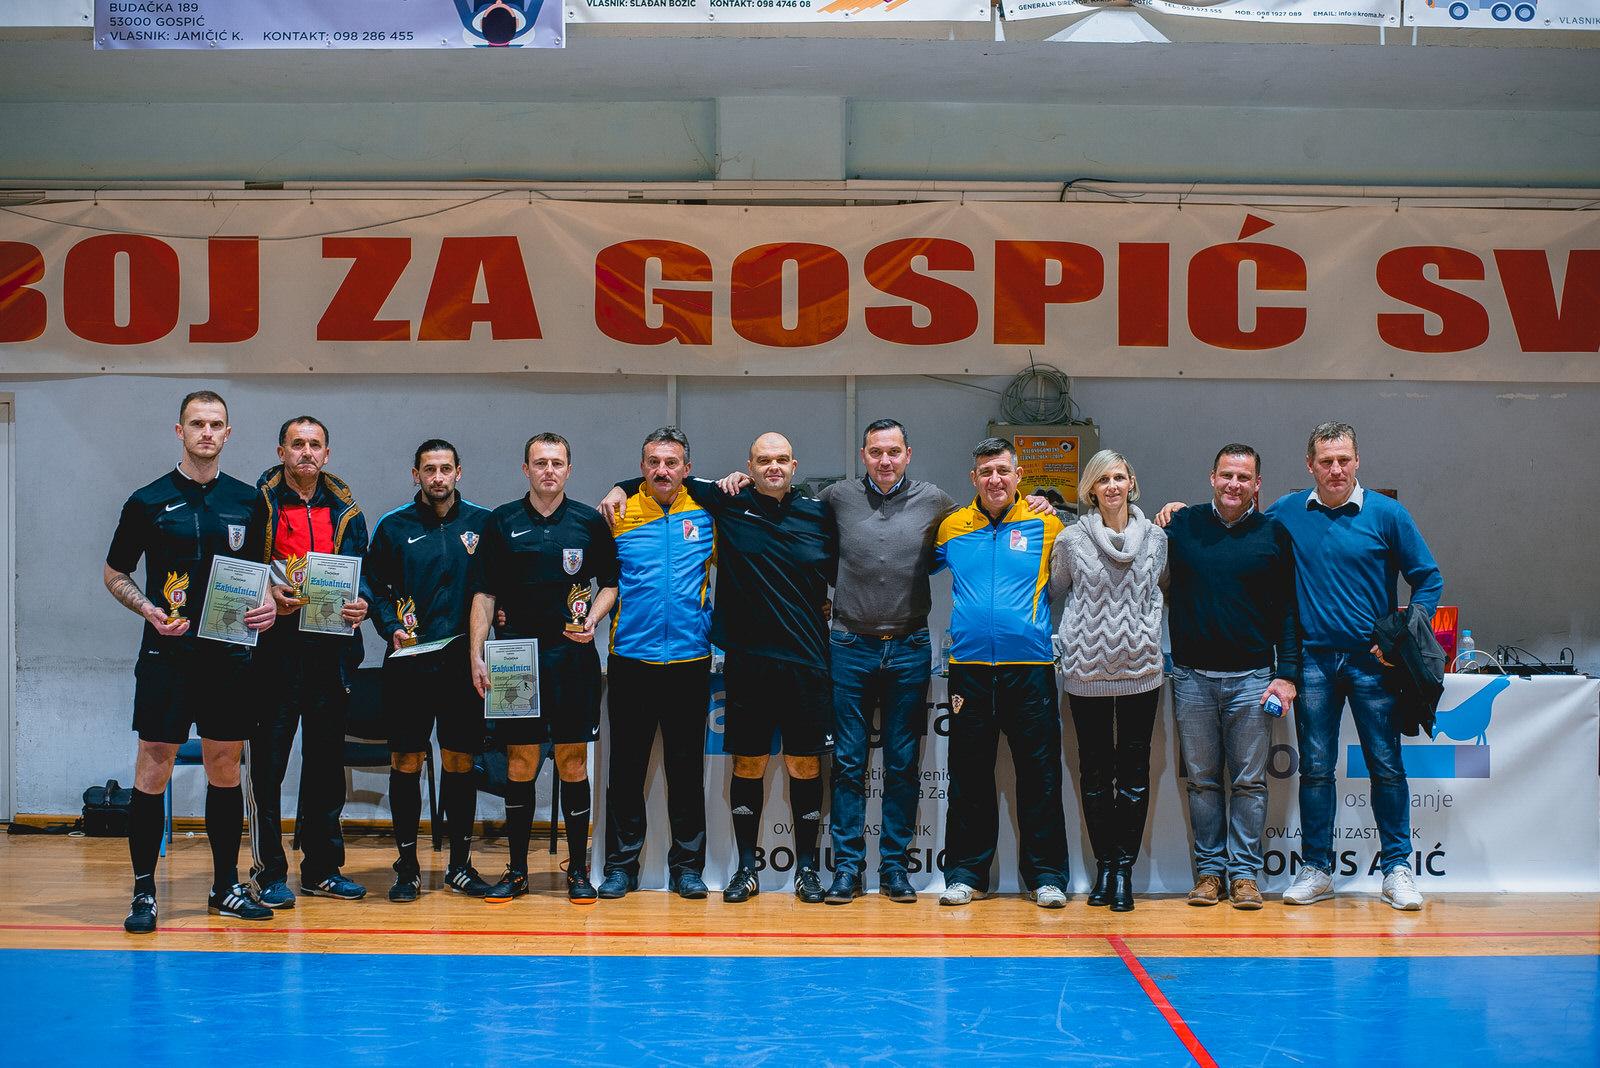 likaclub_gospić_zimski-malonogometni-turnir-2018-19-119